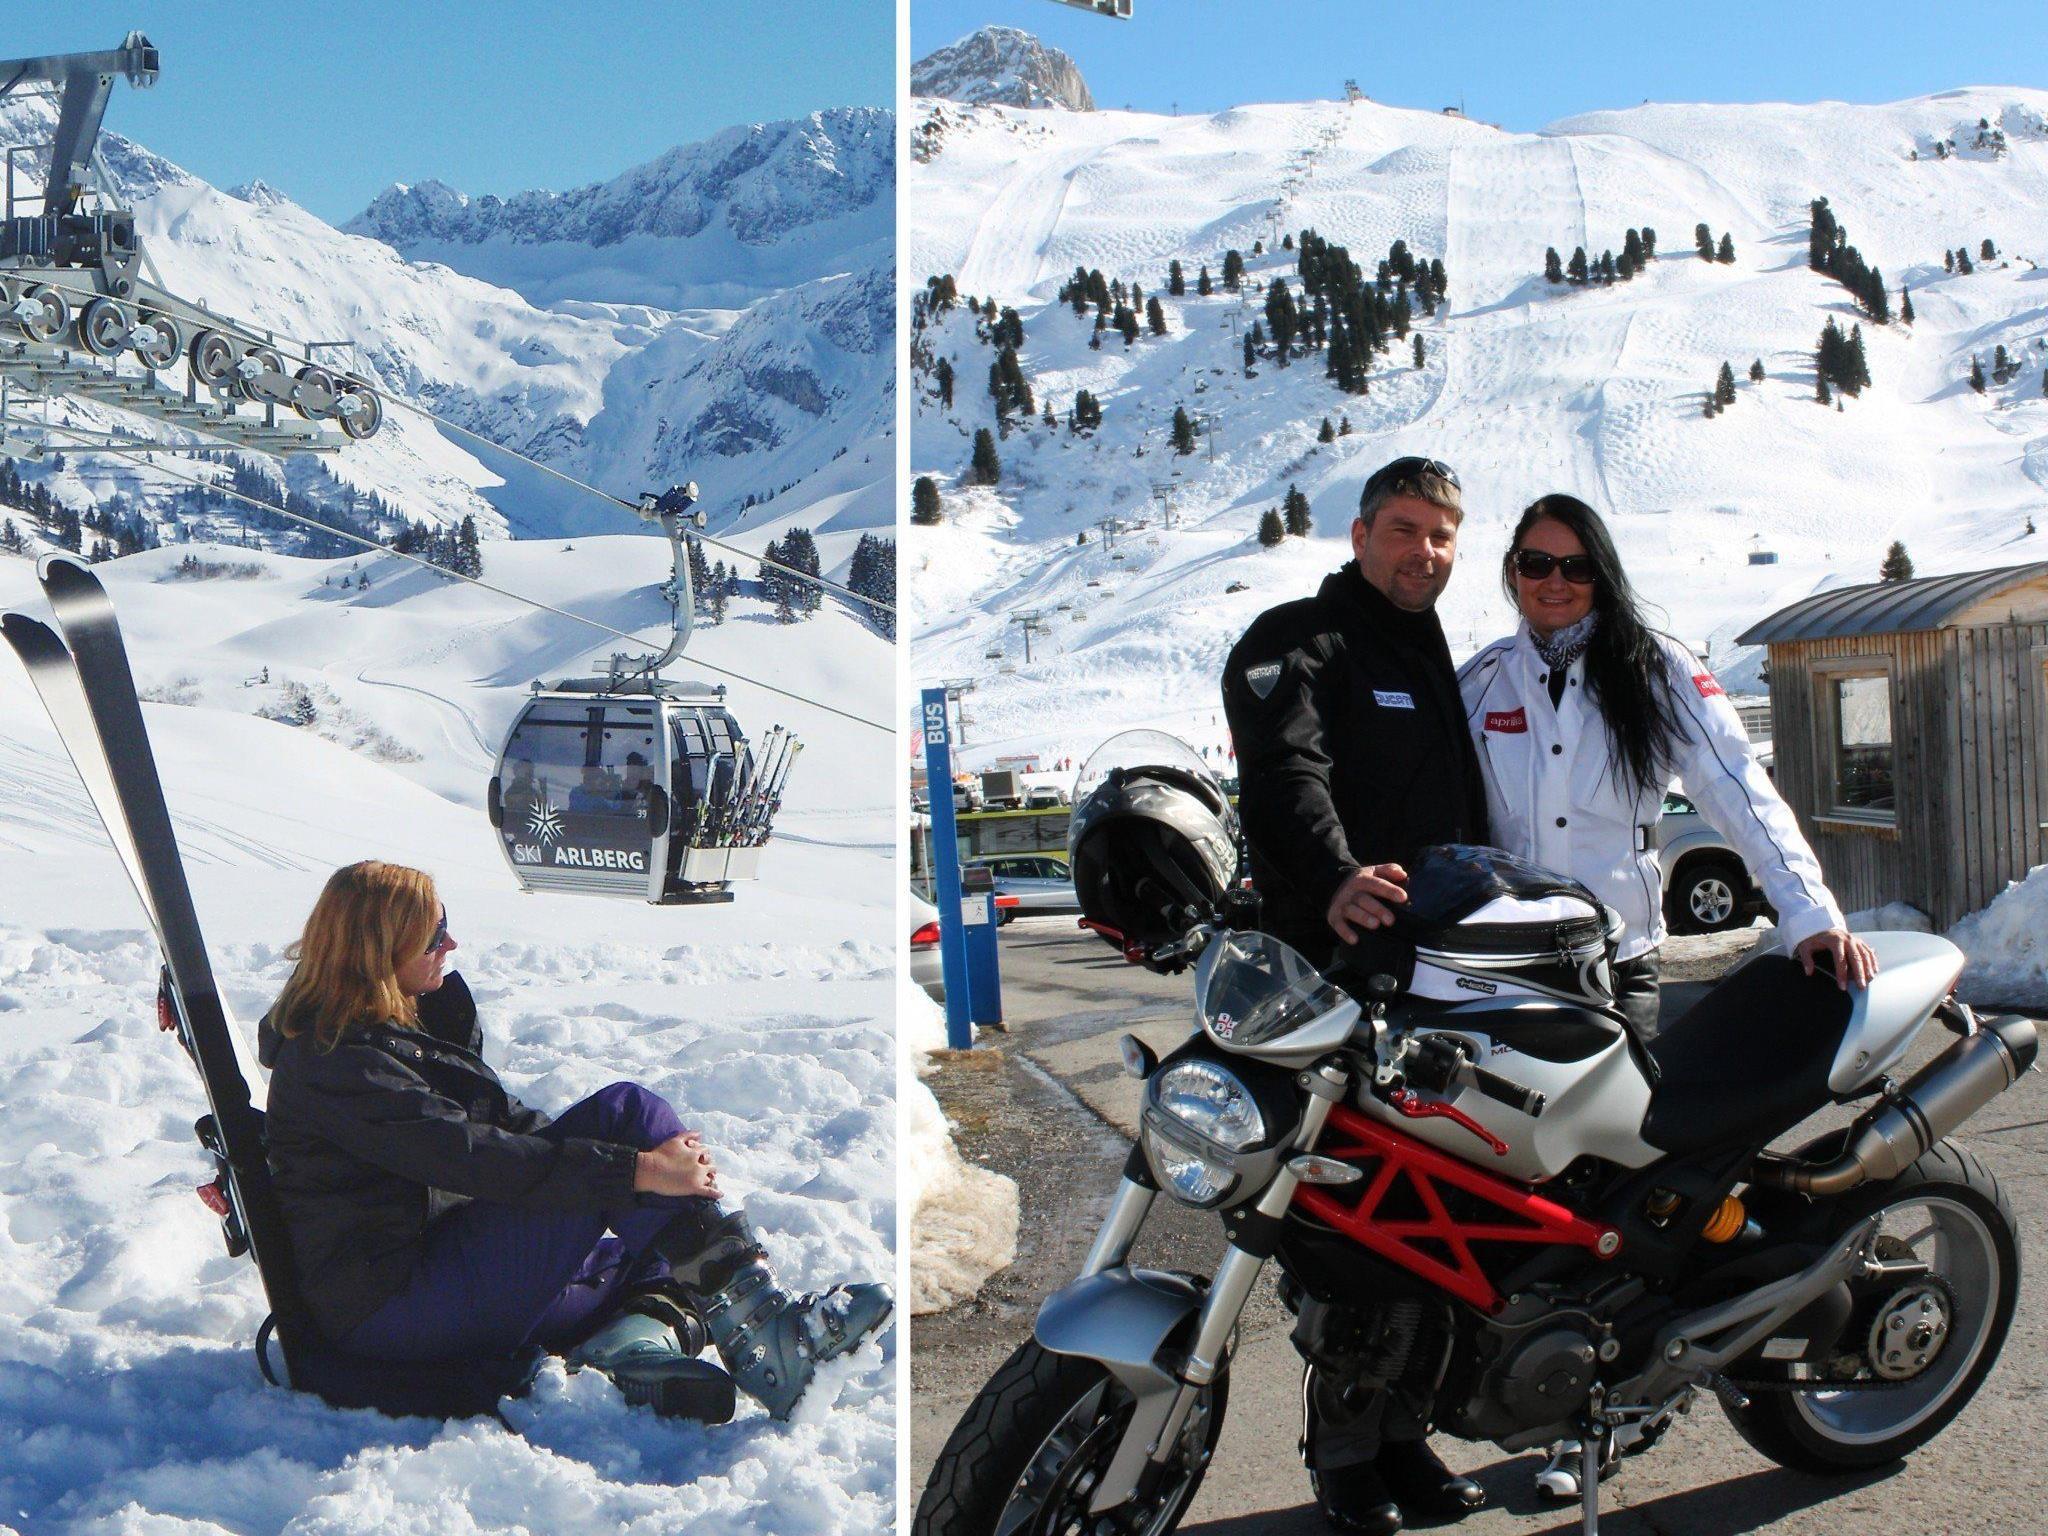 Während am Hochtannberg längst die Motorradsaison gestartet wurde, sind mit dem Jahrhundertprojekt Auenfeldjet noch die Skifreaks unterwegs.